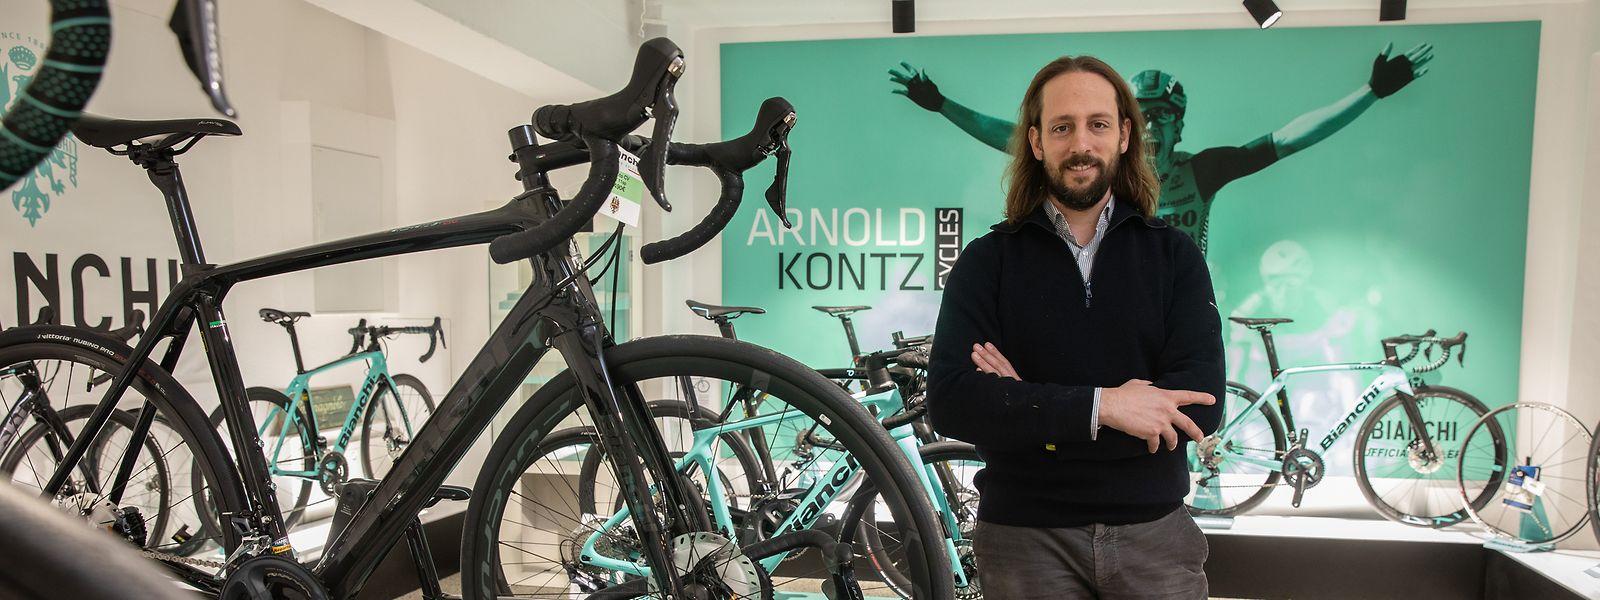 """Benji Kontz im neuen Geschäft: """"Mit so einem Andrang hatte ich nicht gerechnet."""""""